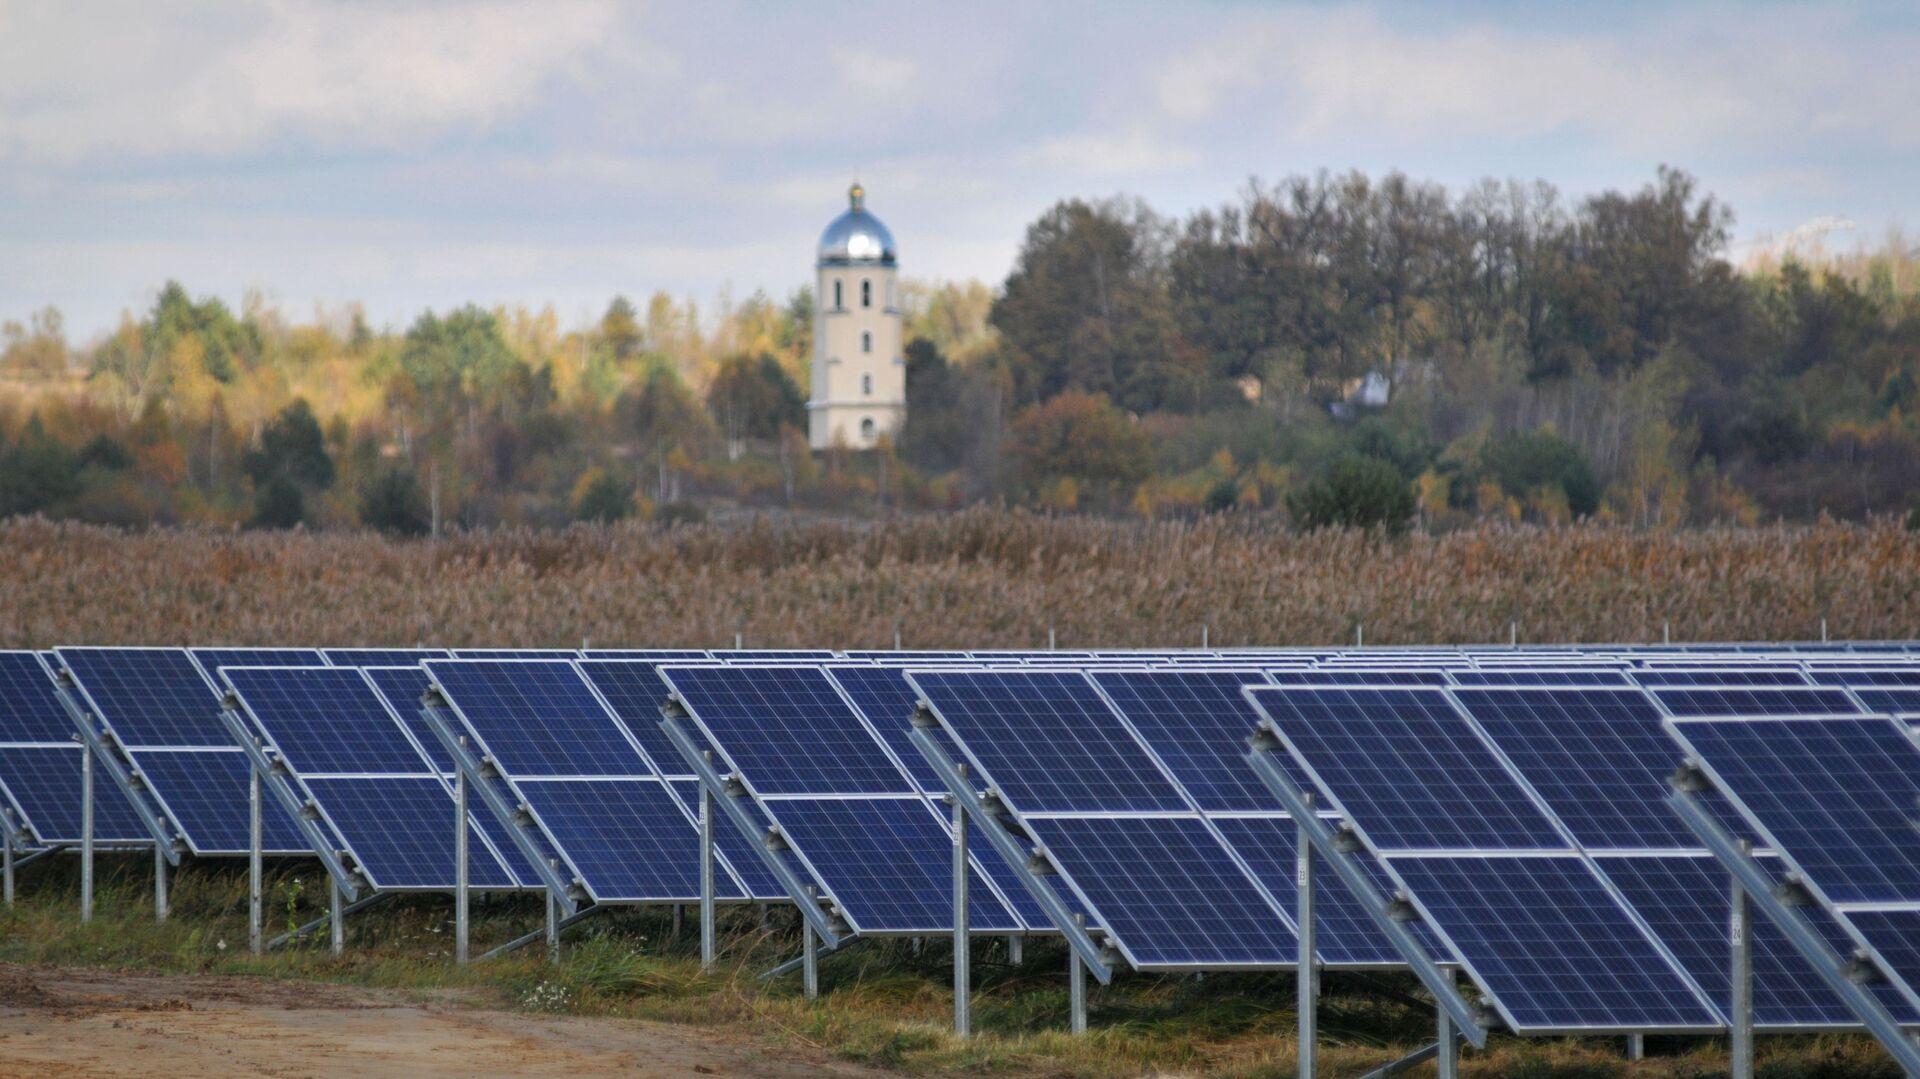 Ветряная и солнечная электростанции во Львовской области - Sputnik Абхазия, 1920, 12.10.2021